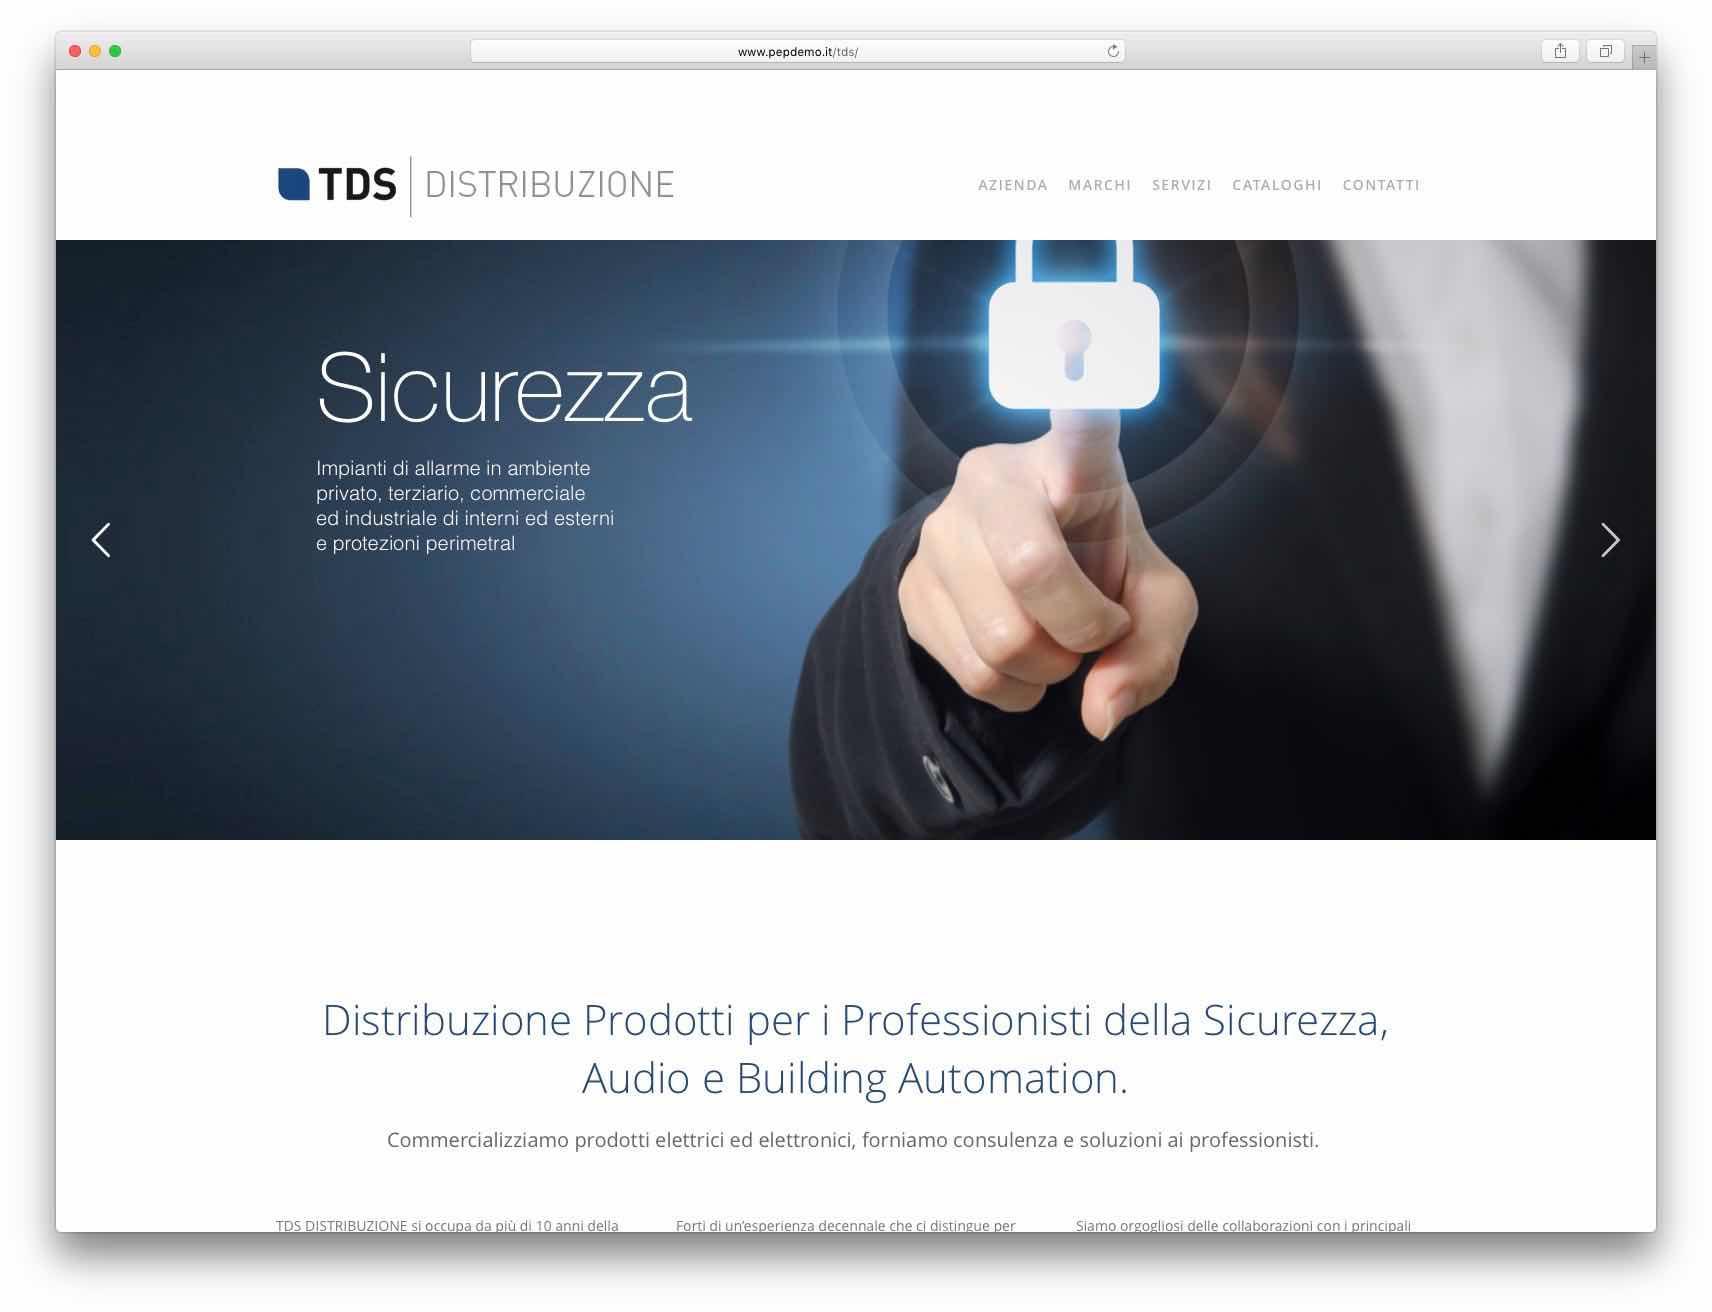 Creazione Siti Web Brescia - Sito Web Tds Distribuzione